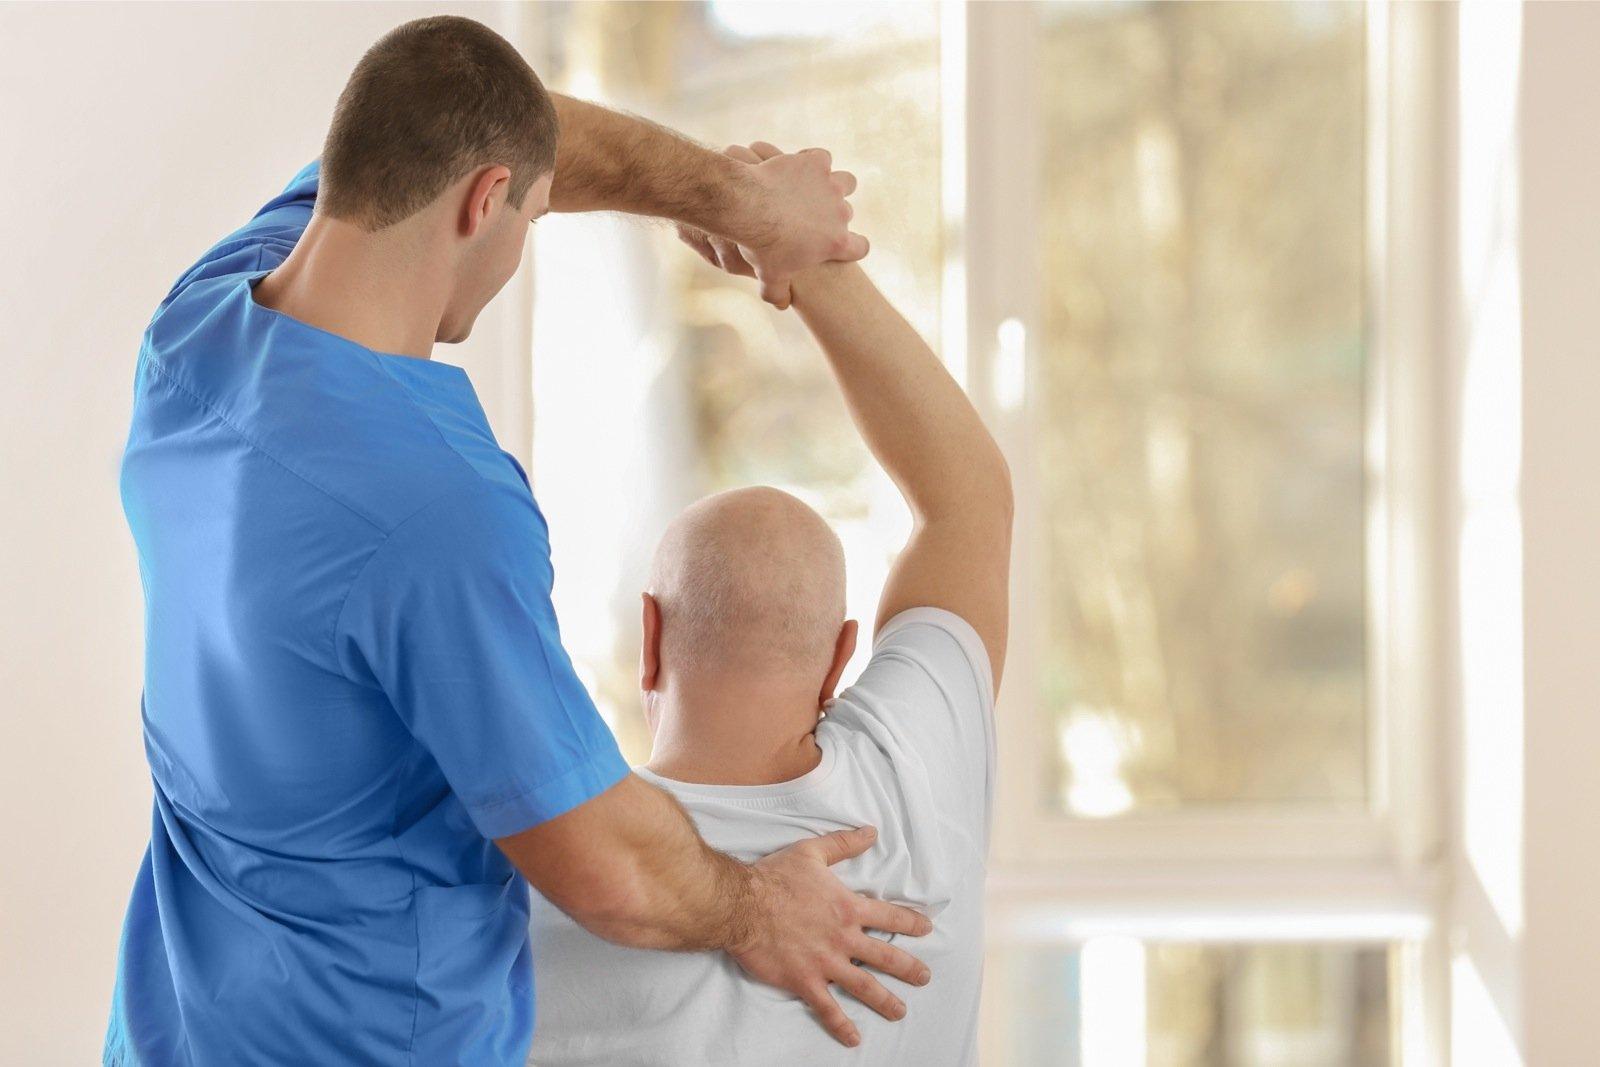 valus liigesed varases eas Kuidas ravida olaliidete tugevat valu